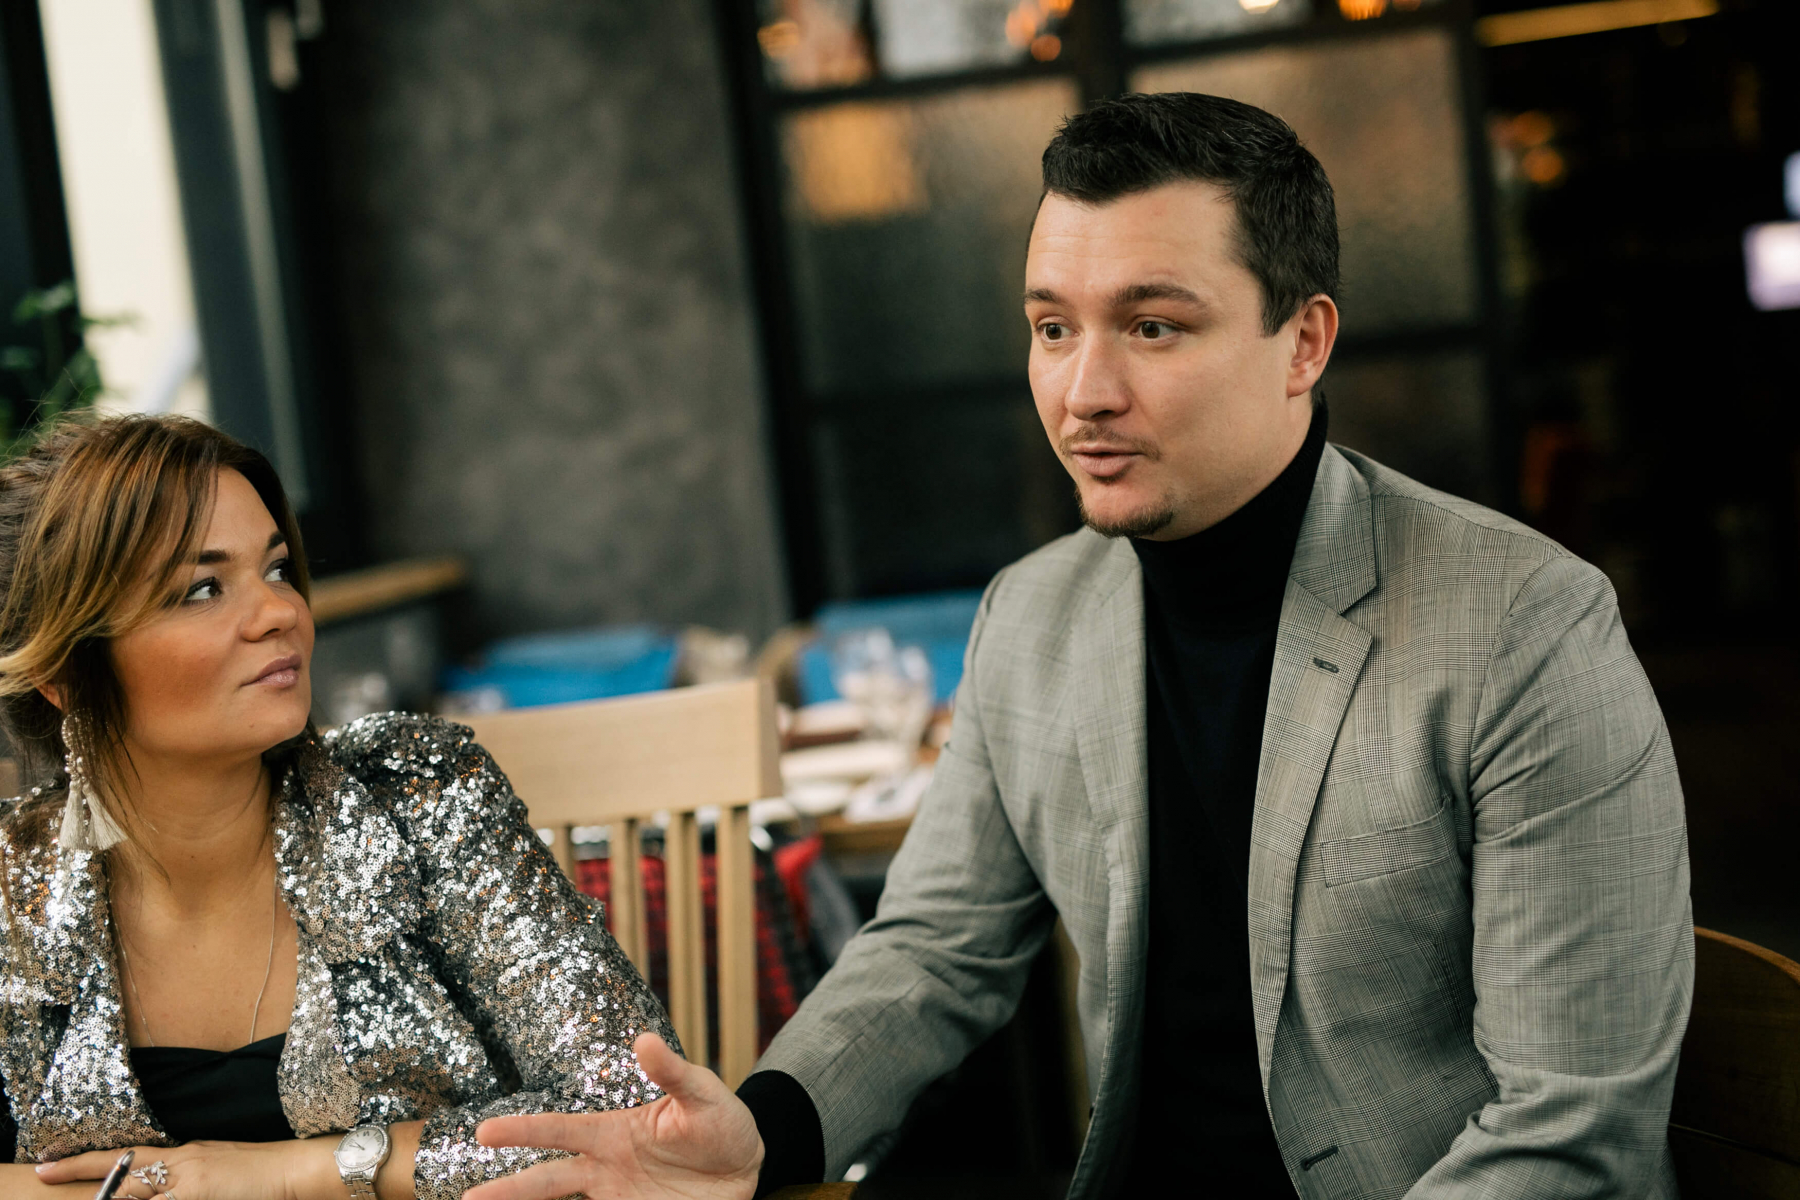 Адис Маммо взял интервью у московской кавер-группы